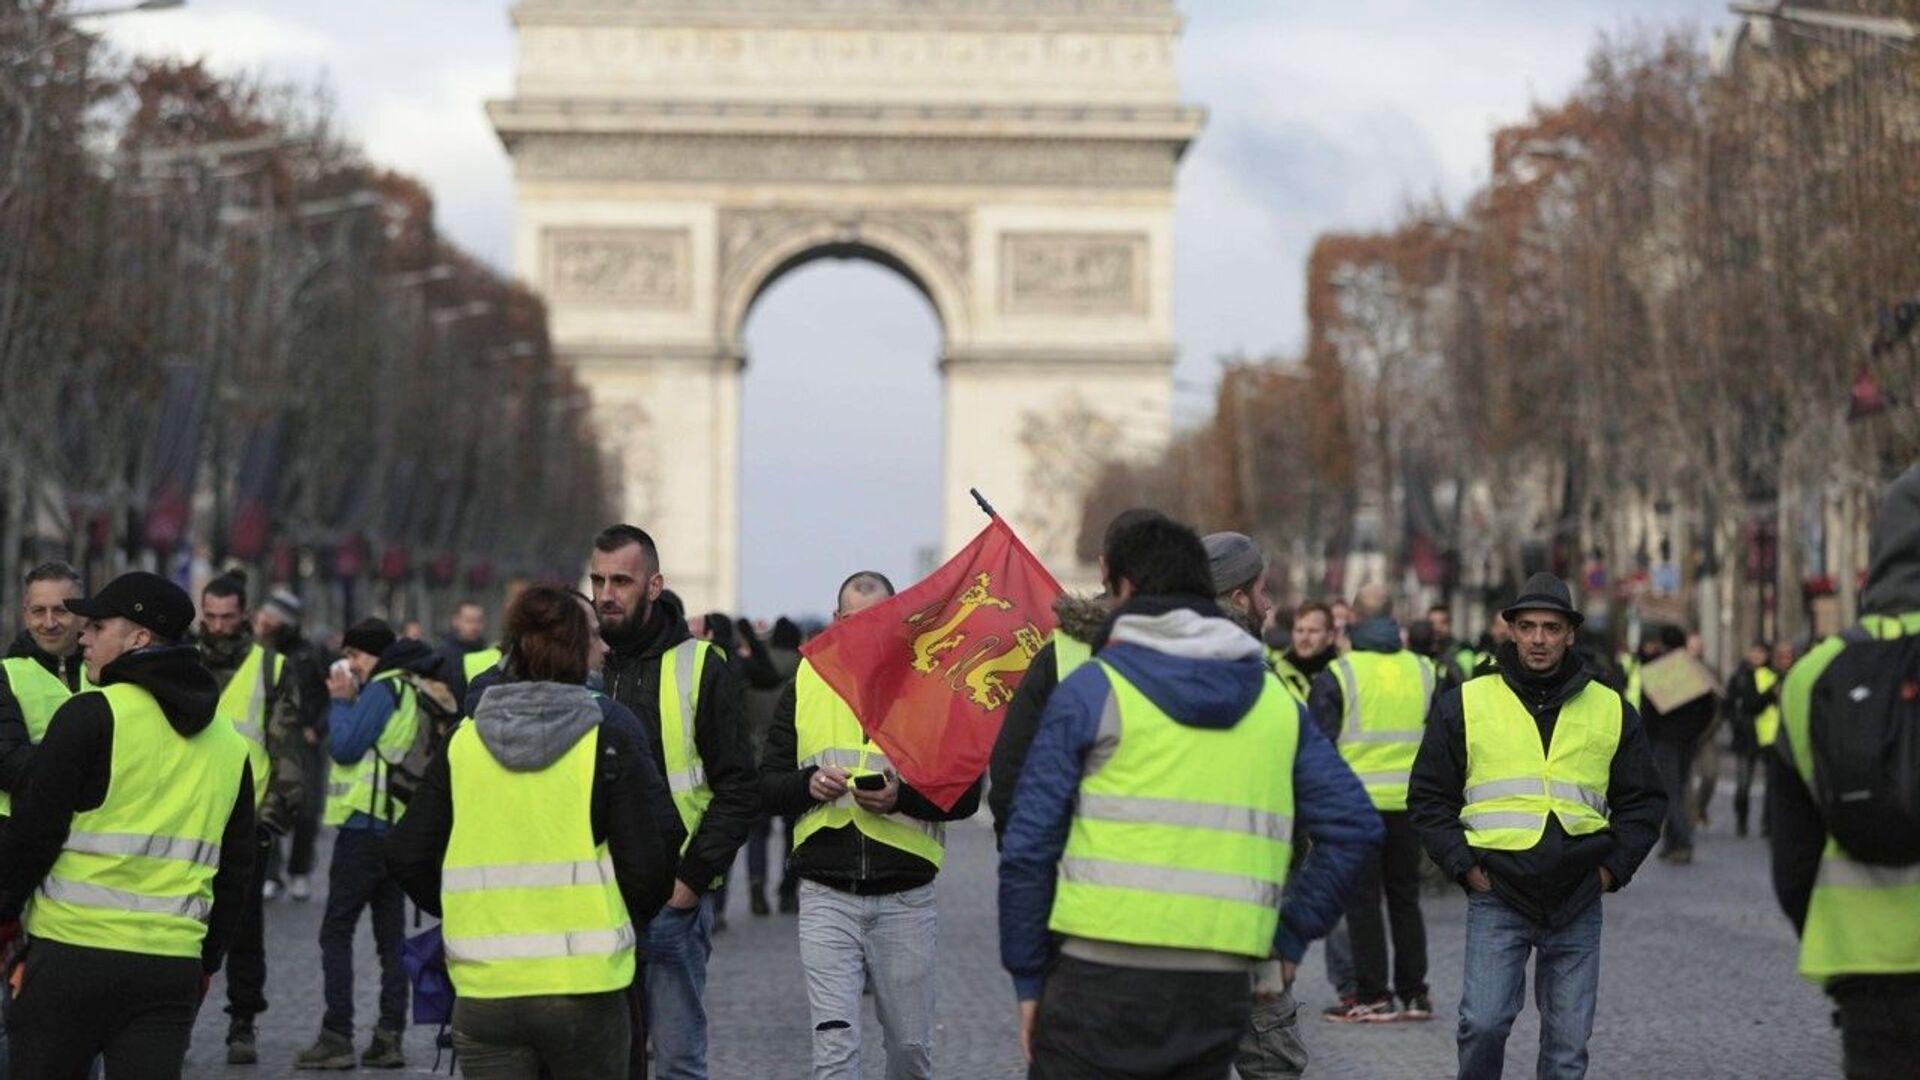 Участники акции протеста движения желтых жилетов в Париже. 8 декабря 2018 - РИА Новости, 1920, 09.12.2018